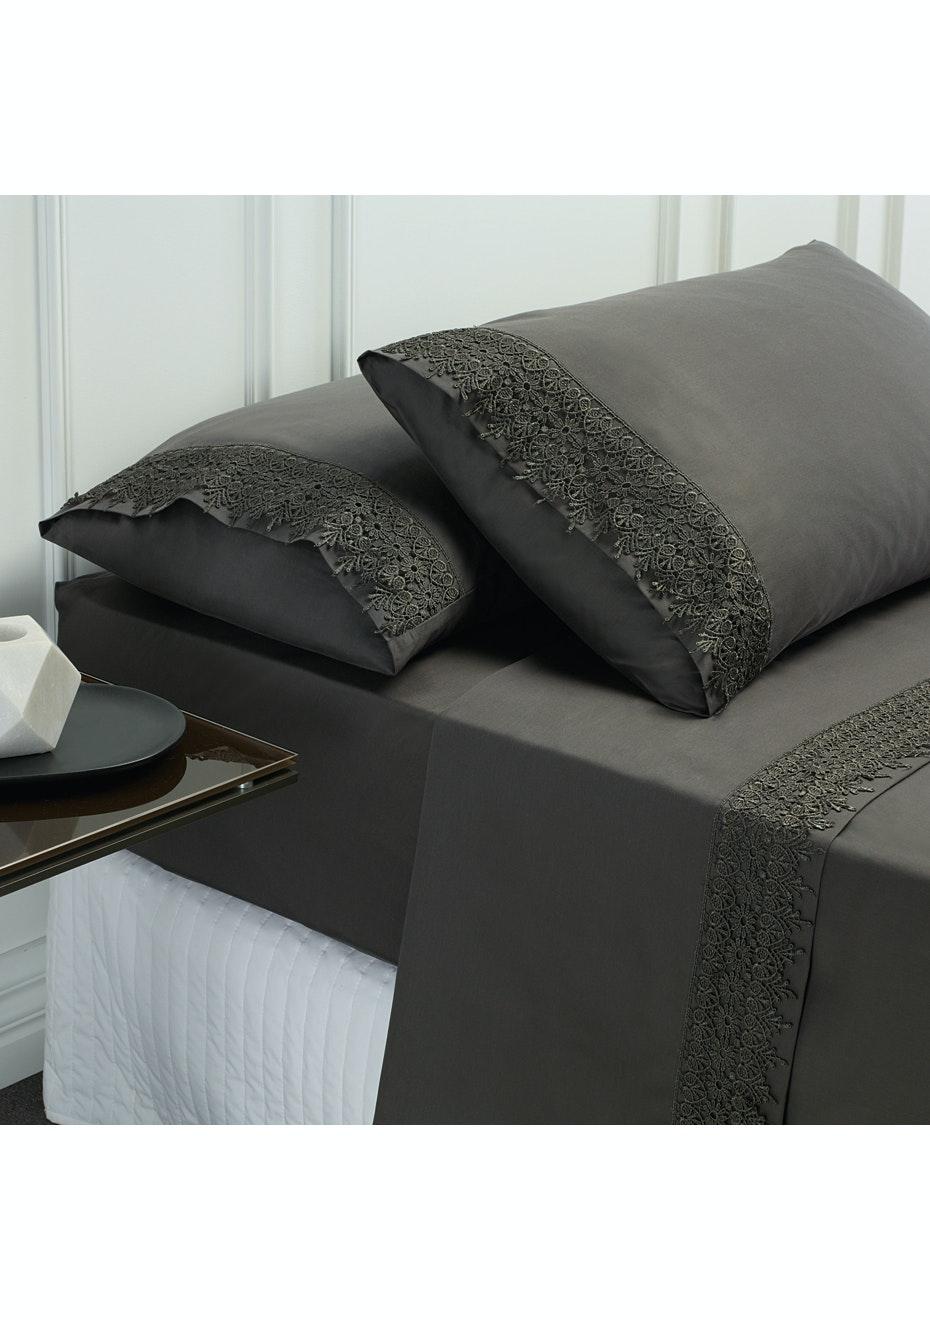 Style & Co 1000 Thread count Egyptian Cotton Hotel Collection Valencia Sheet sets Mega Queen Coal